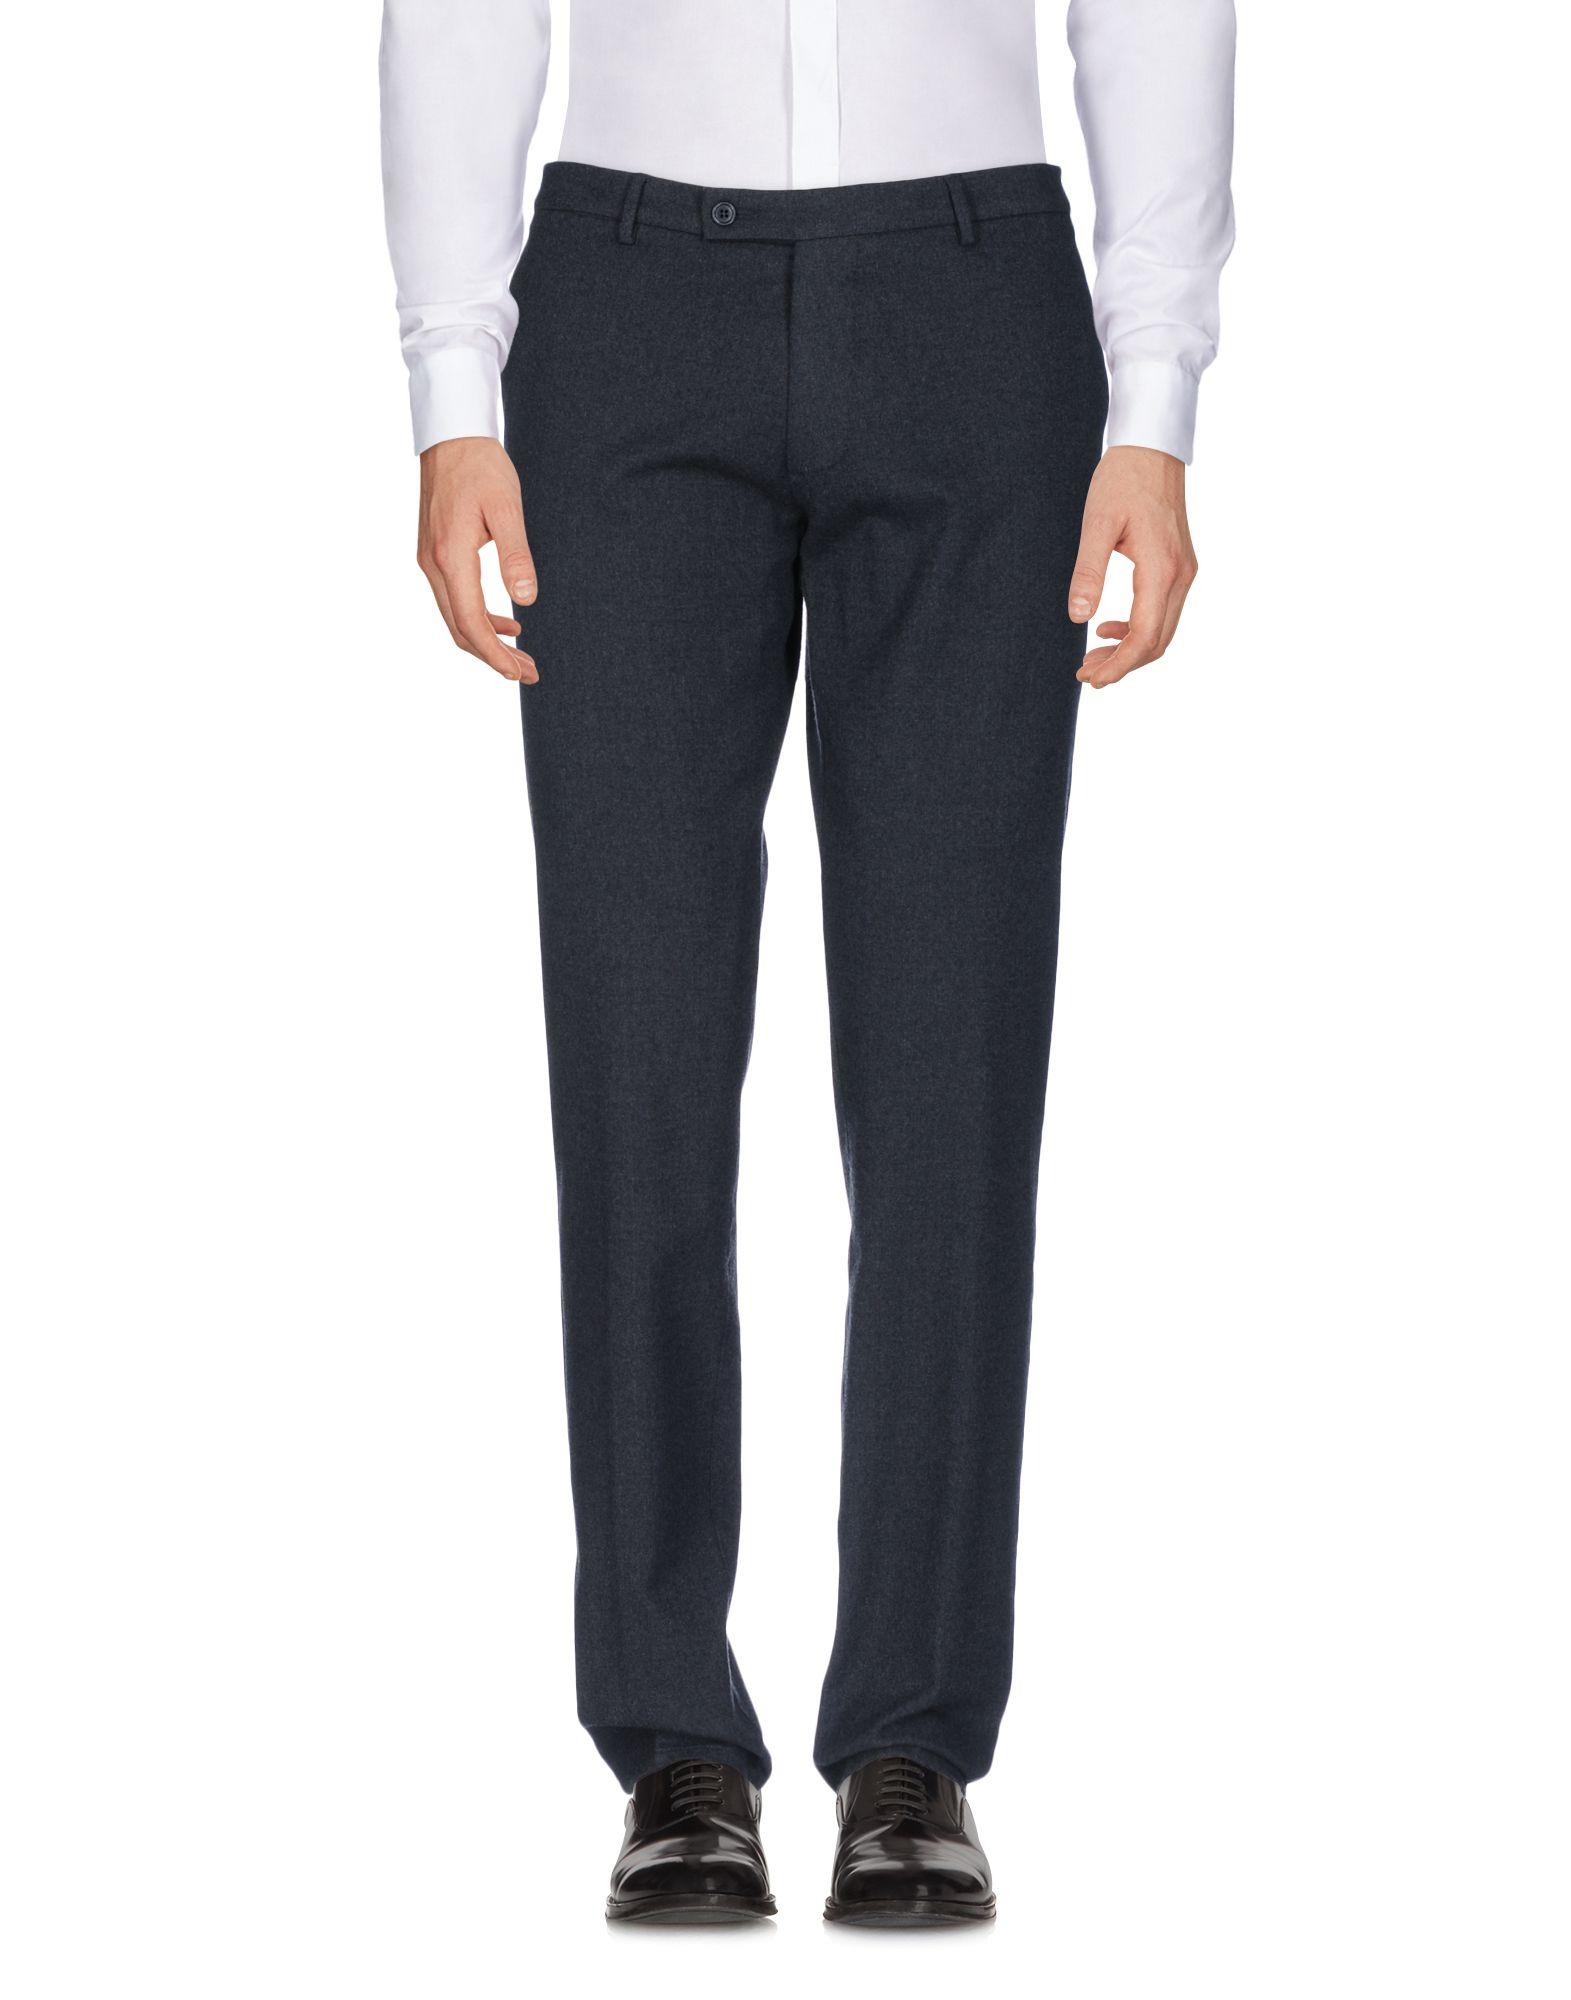 Pantalone Berwich Uomo - Acquista online su